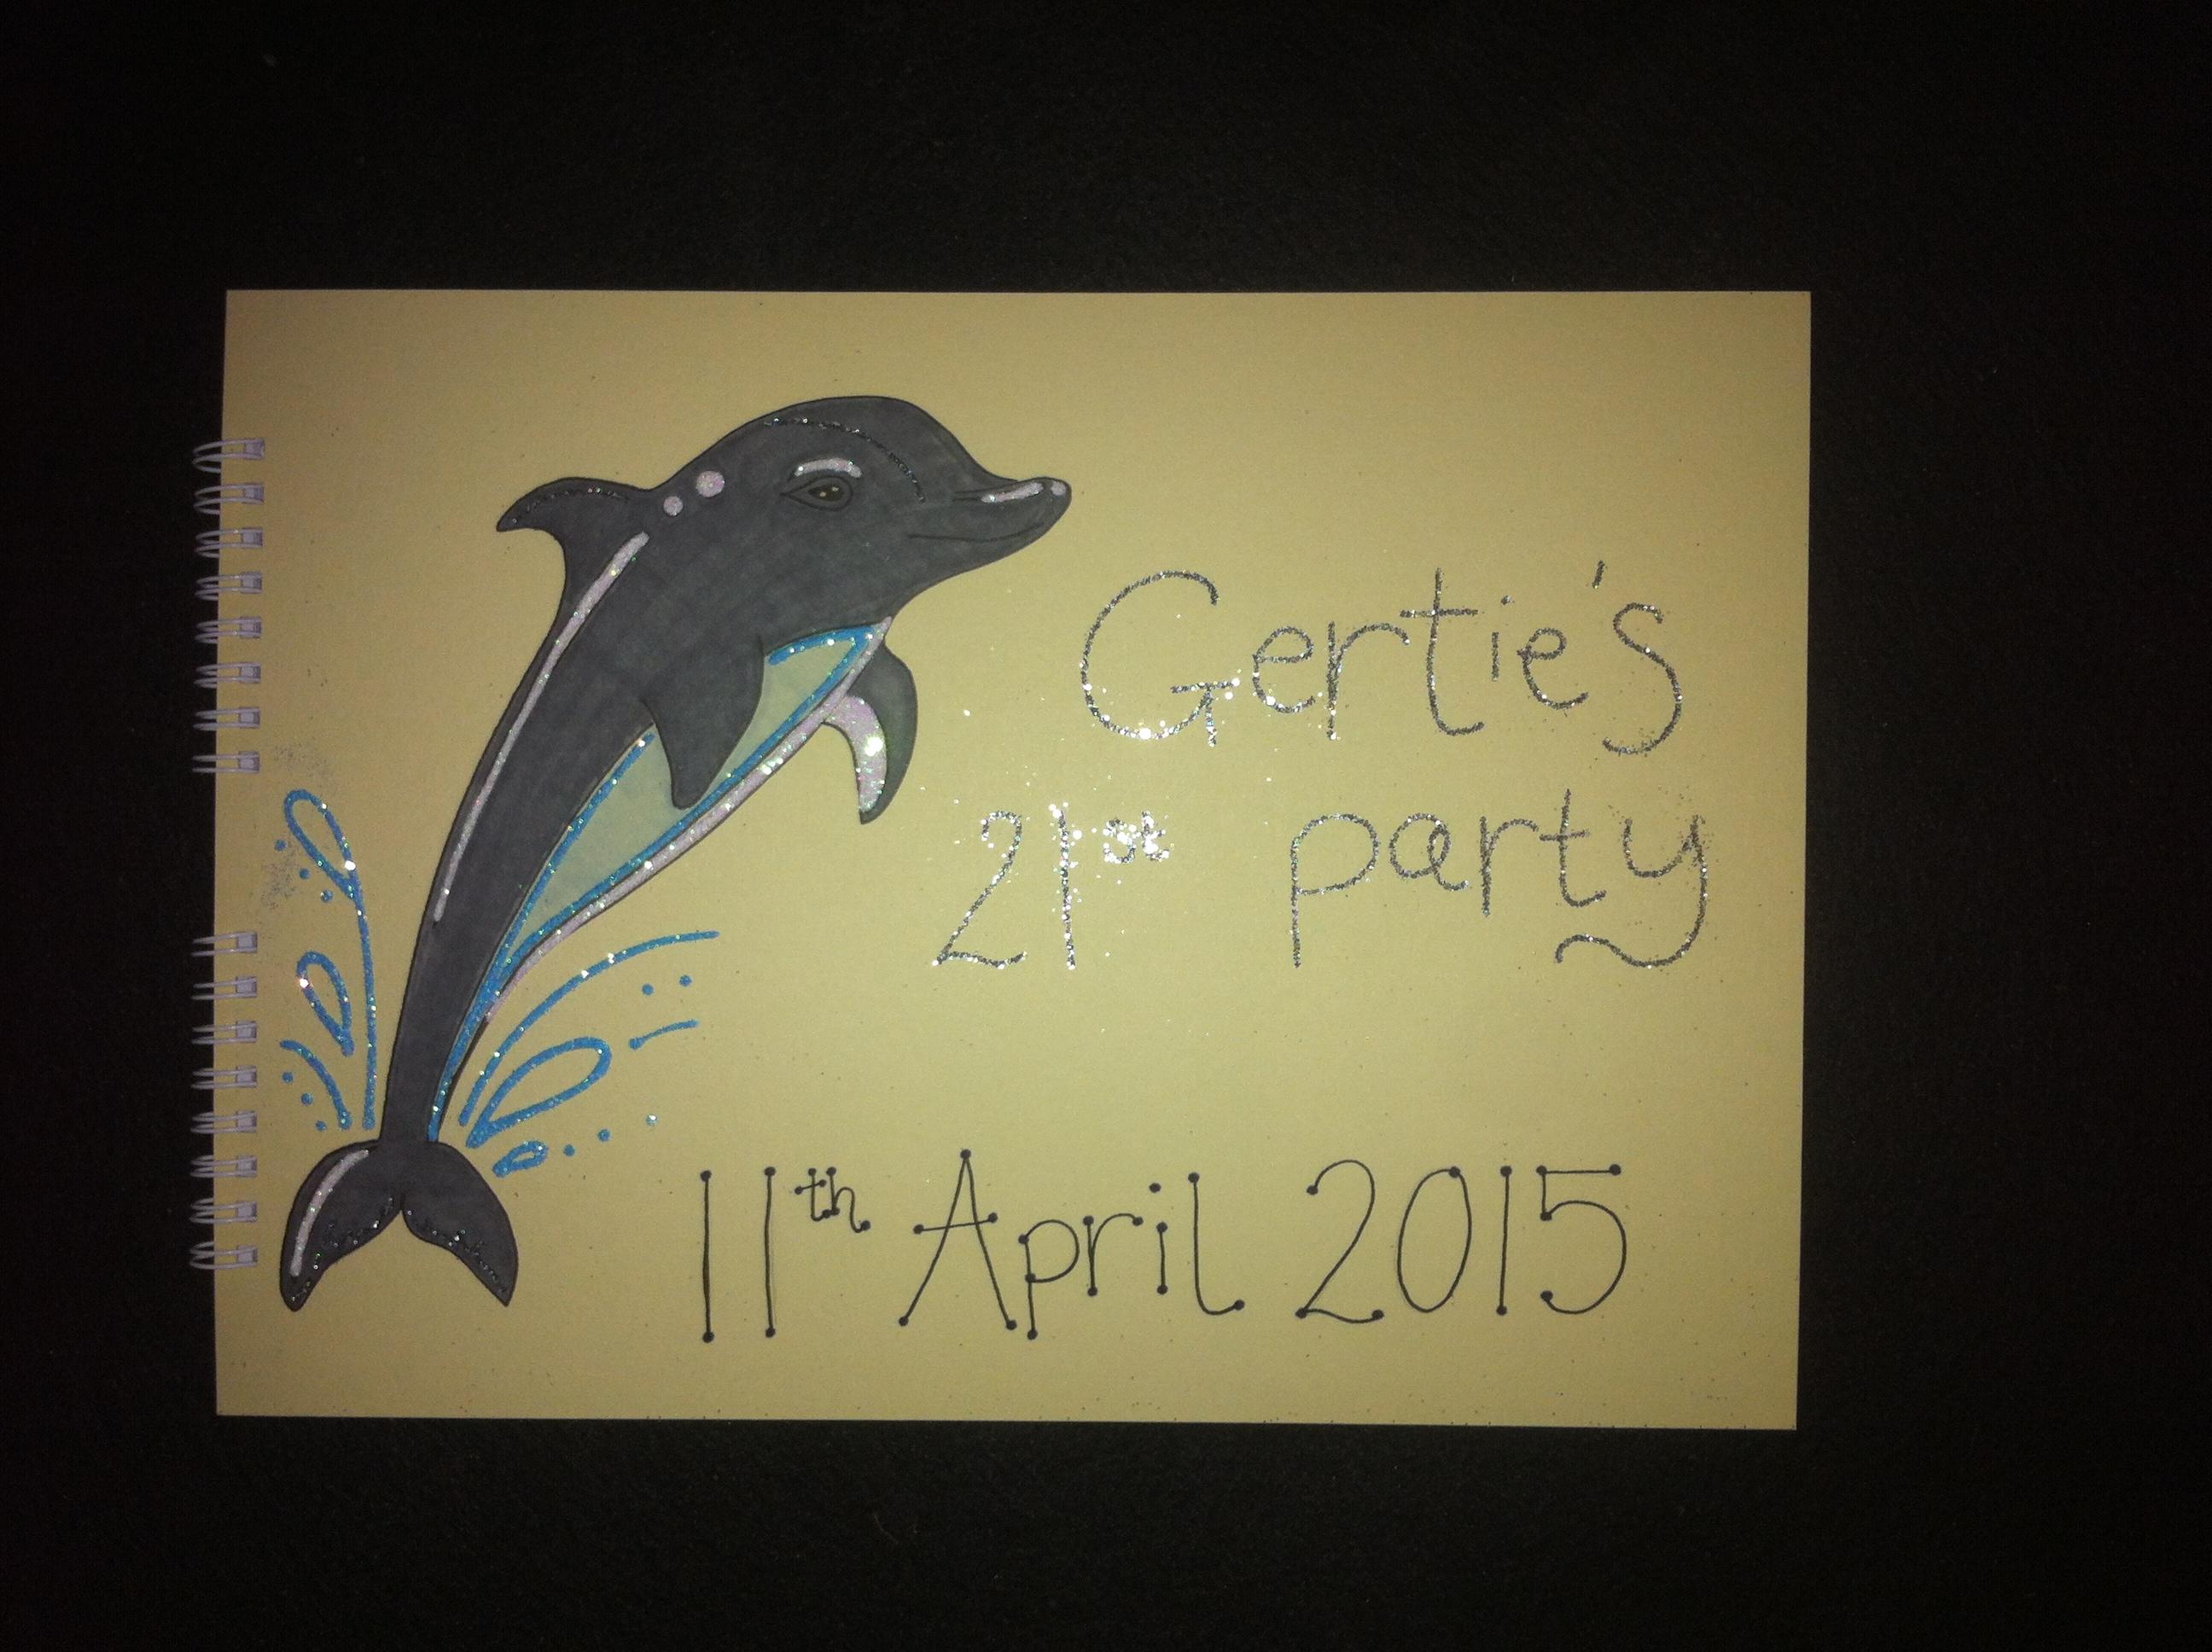 Gertie's 21st